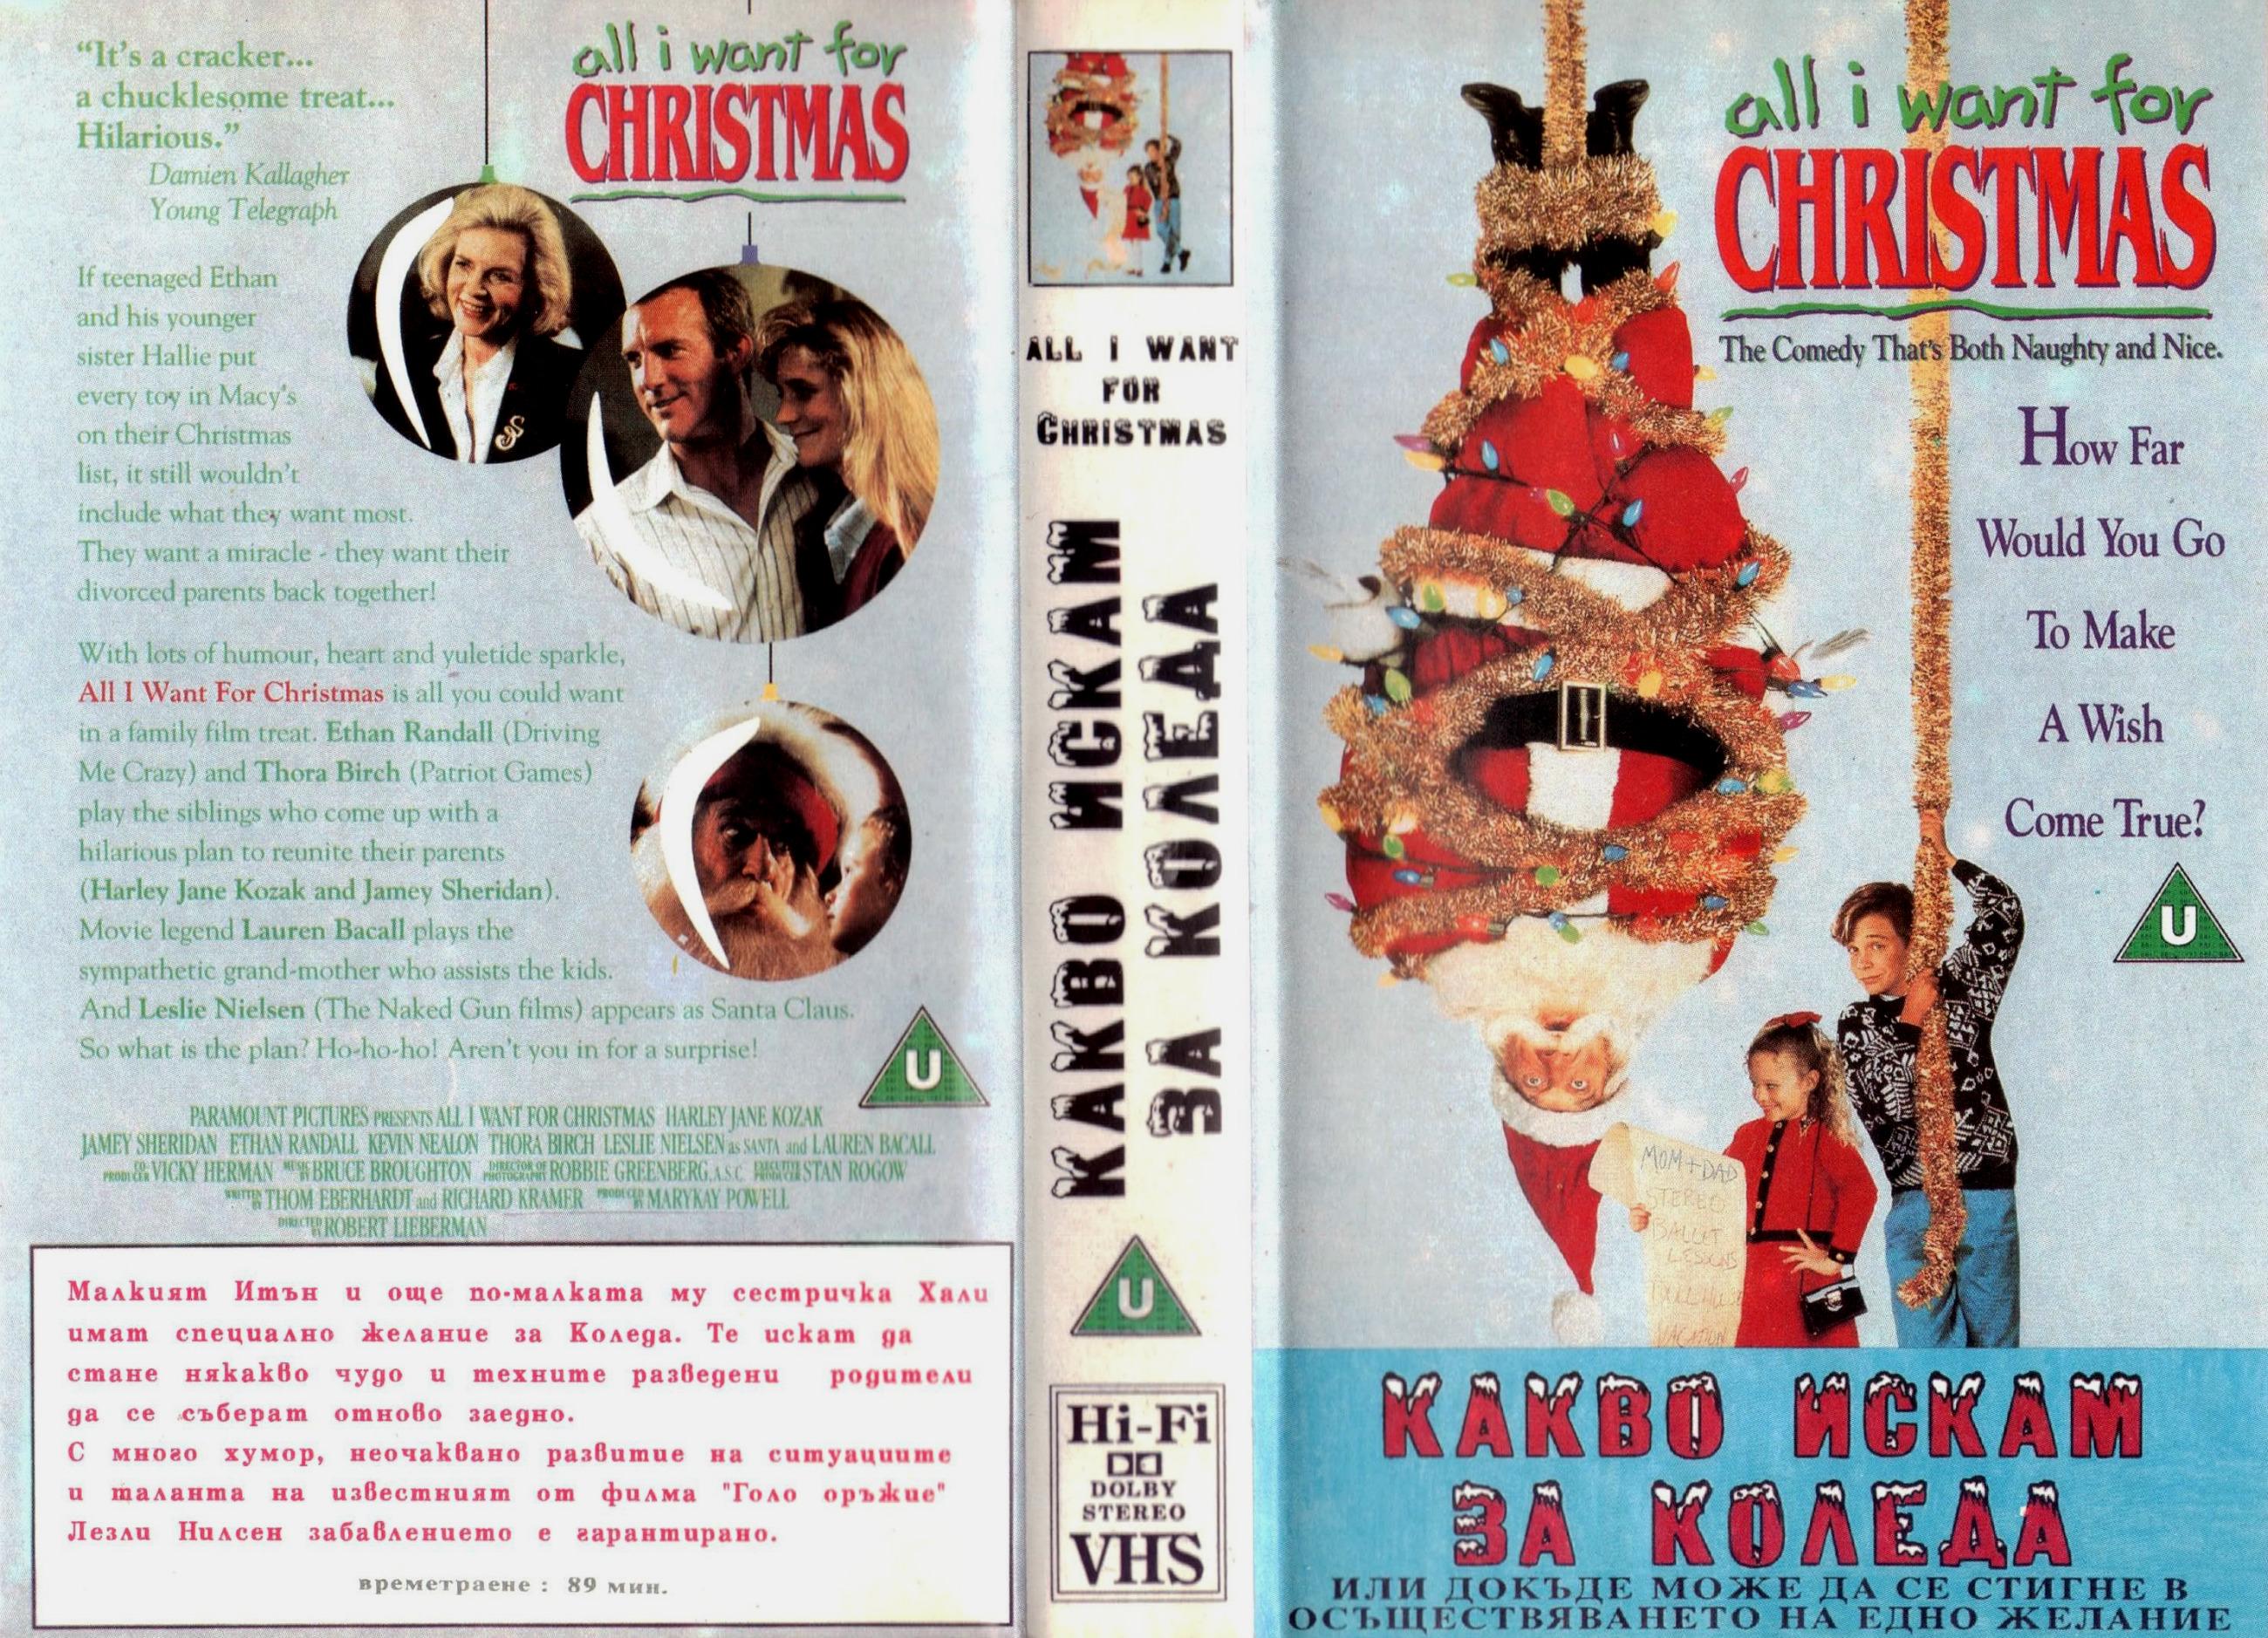 Какво искам за Коледа филм